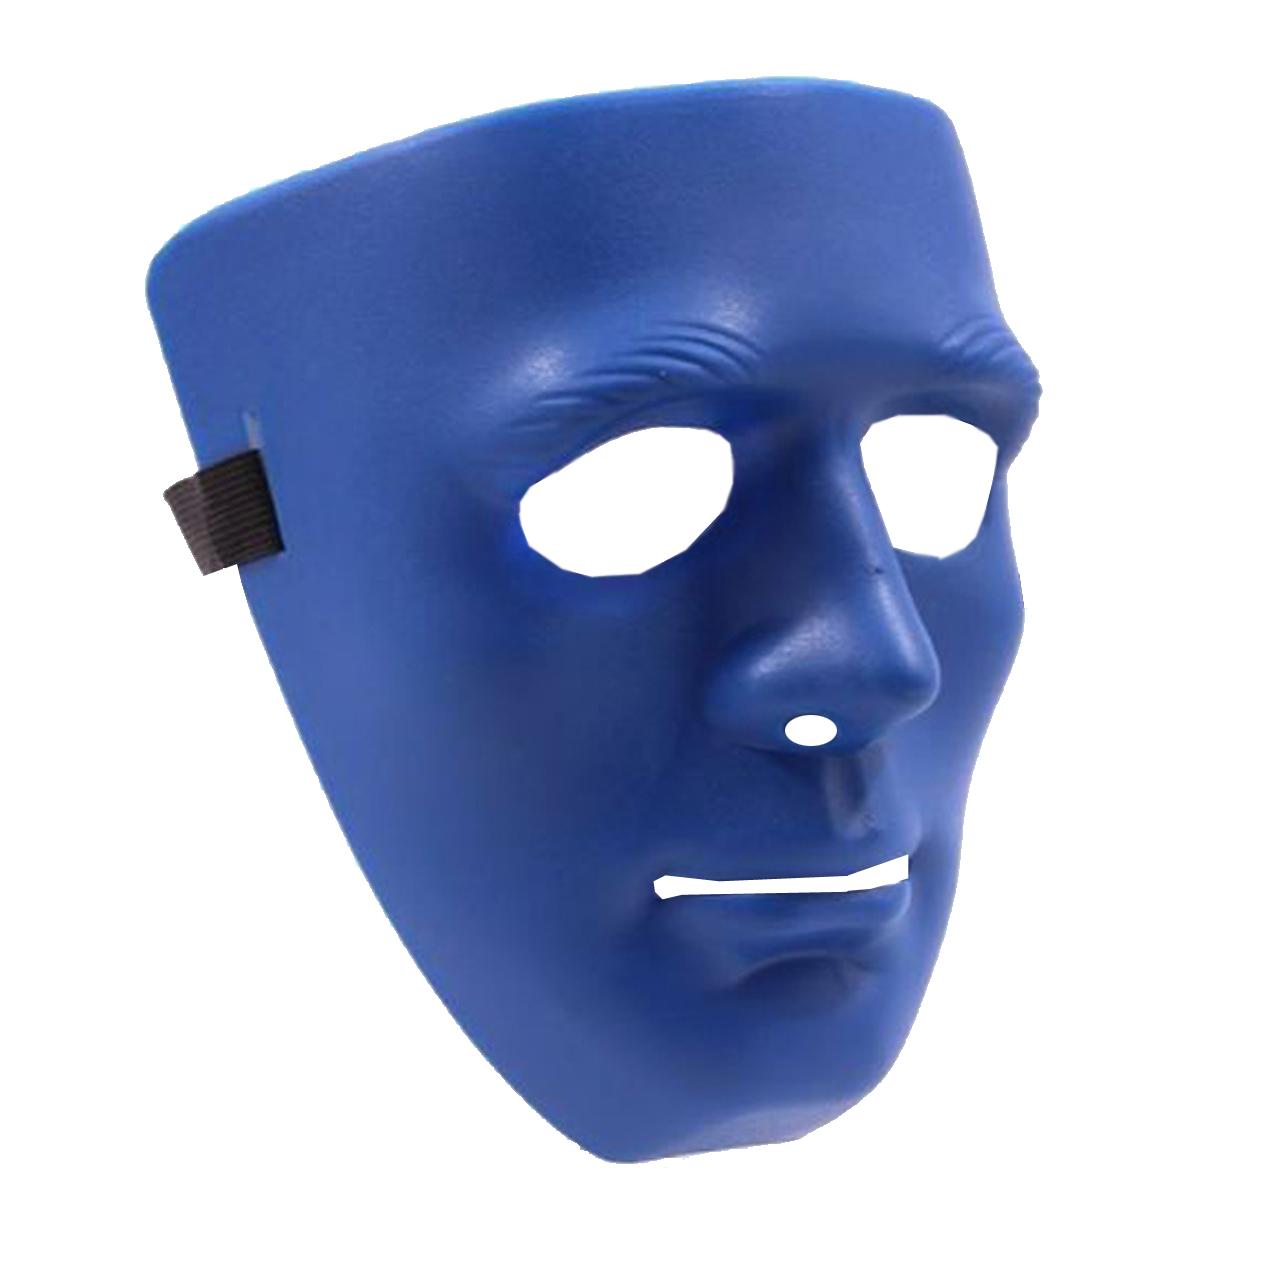 ابزار نمایشی دنیای سرگرمی های کمیاب طرح ماسک خنثی مدل DSK2300